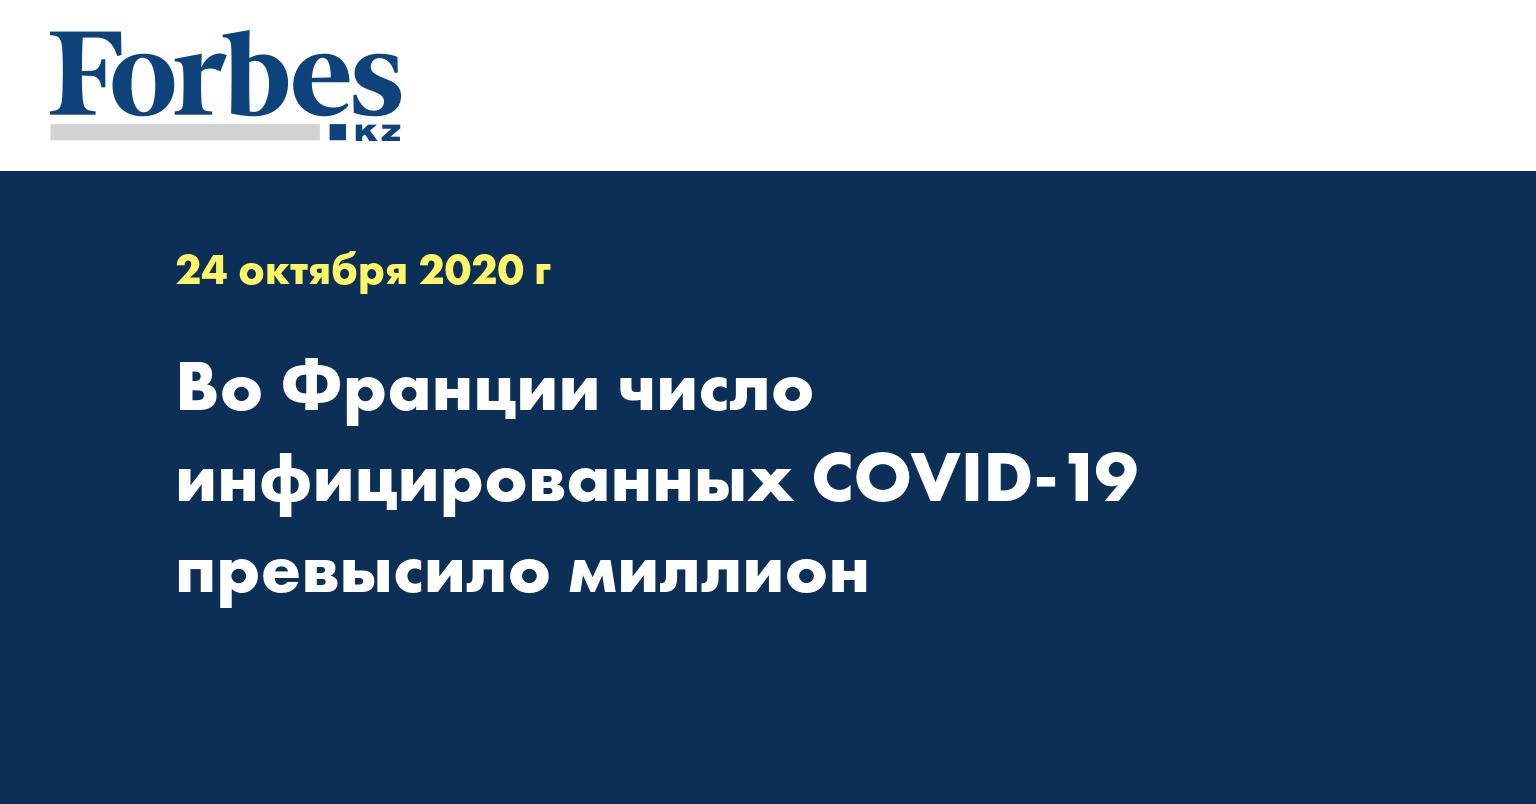 Во Франции число инфицированных COVID-19 превысило миллион